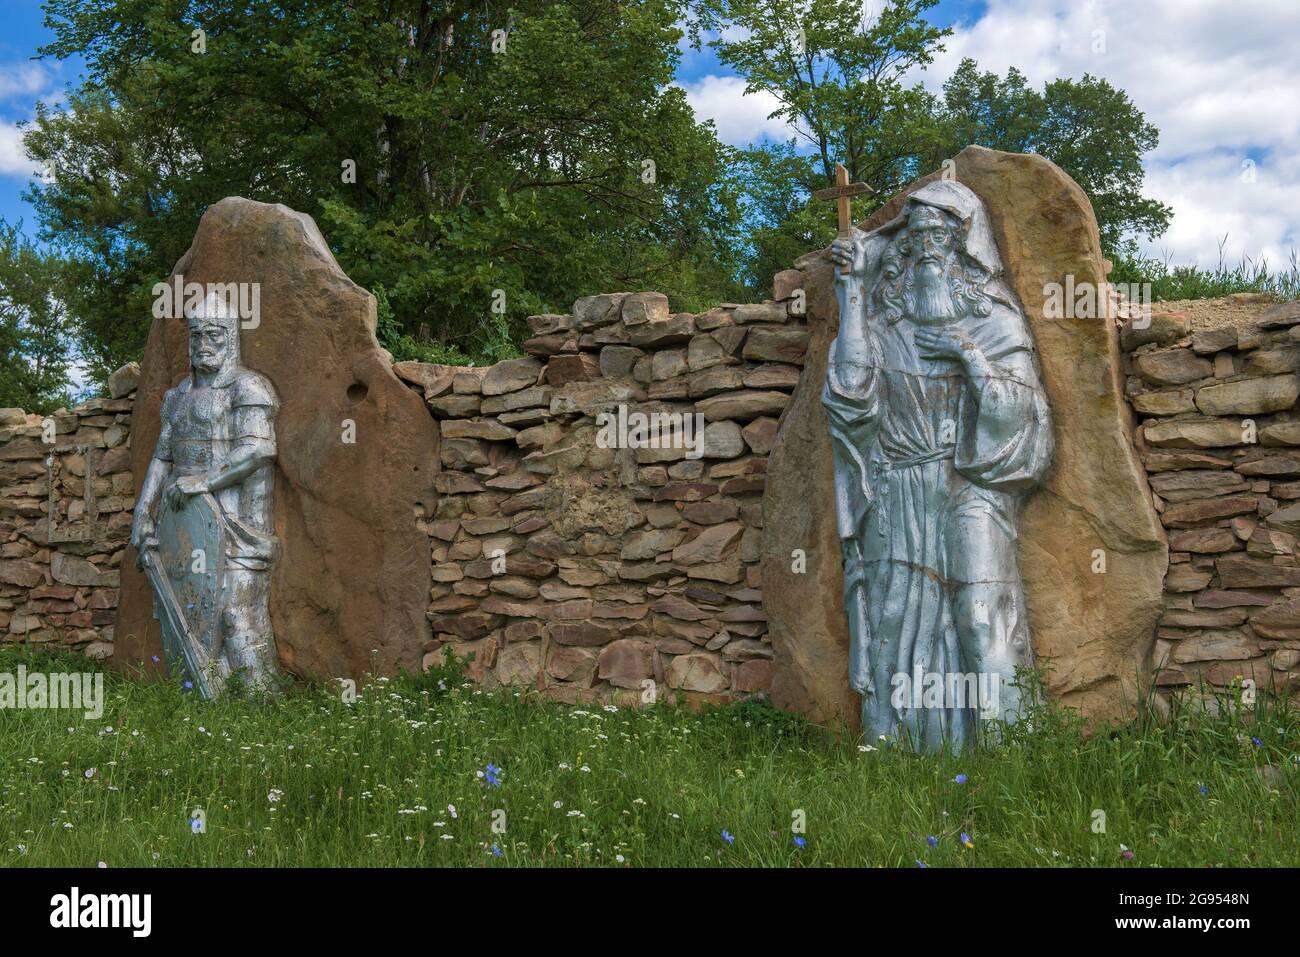 MTSENSK, RUSSIE - 06 JUILLET 2021 : ancien guerrier russe et saint Kuksha - un monument en l'honneur du 850ème anniversaire de la ville de Mtsensk Banque D'Images